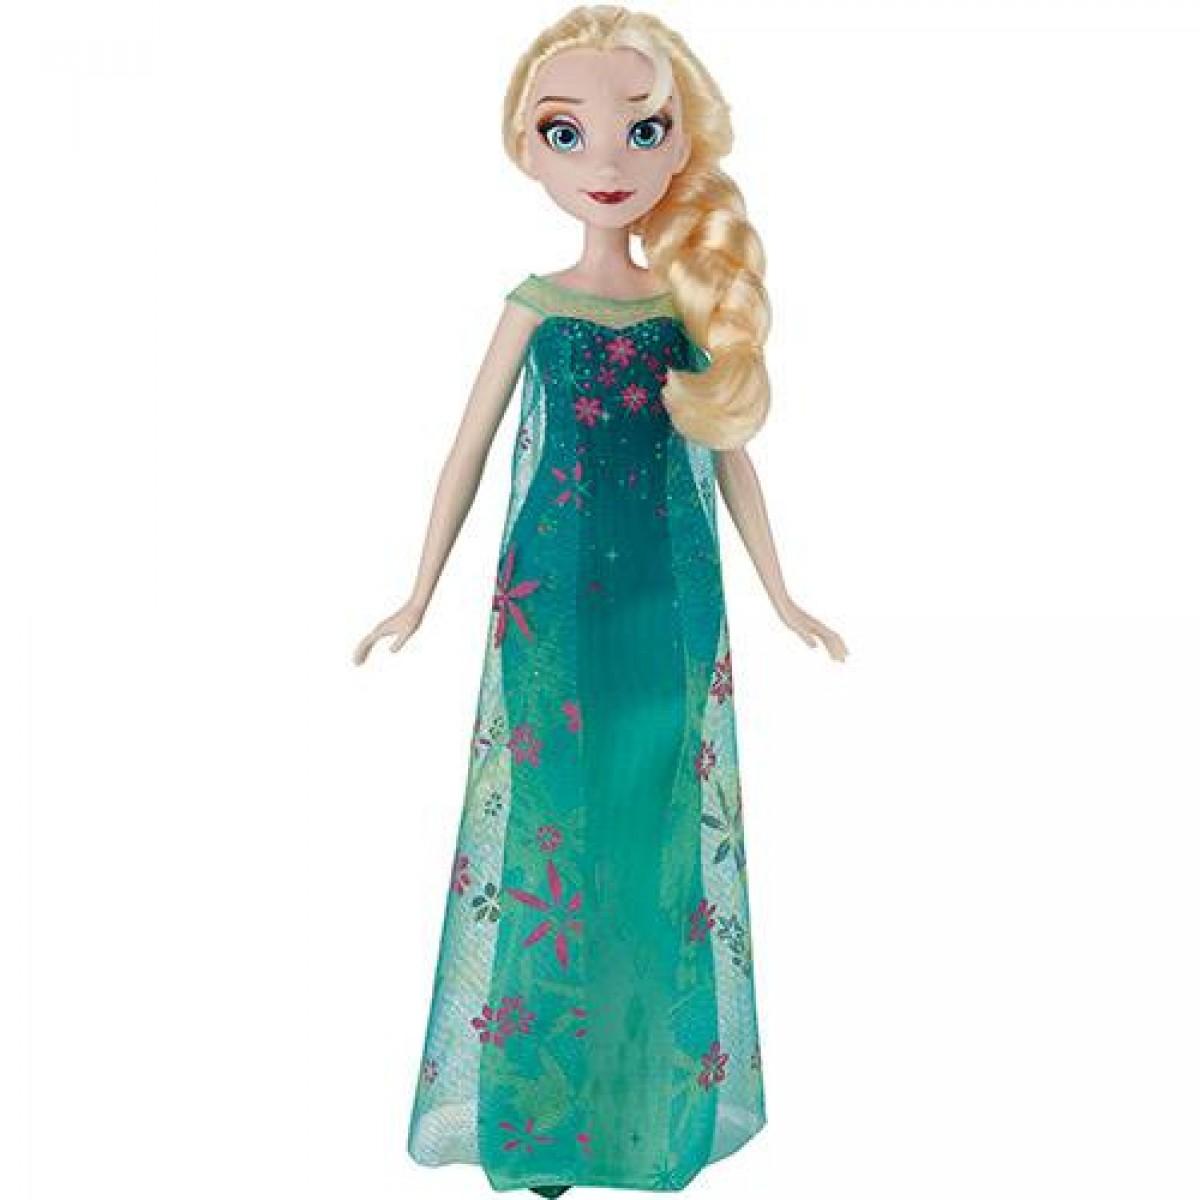 Boneca Frozen Elsa Hasbro